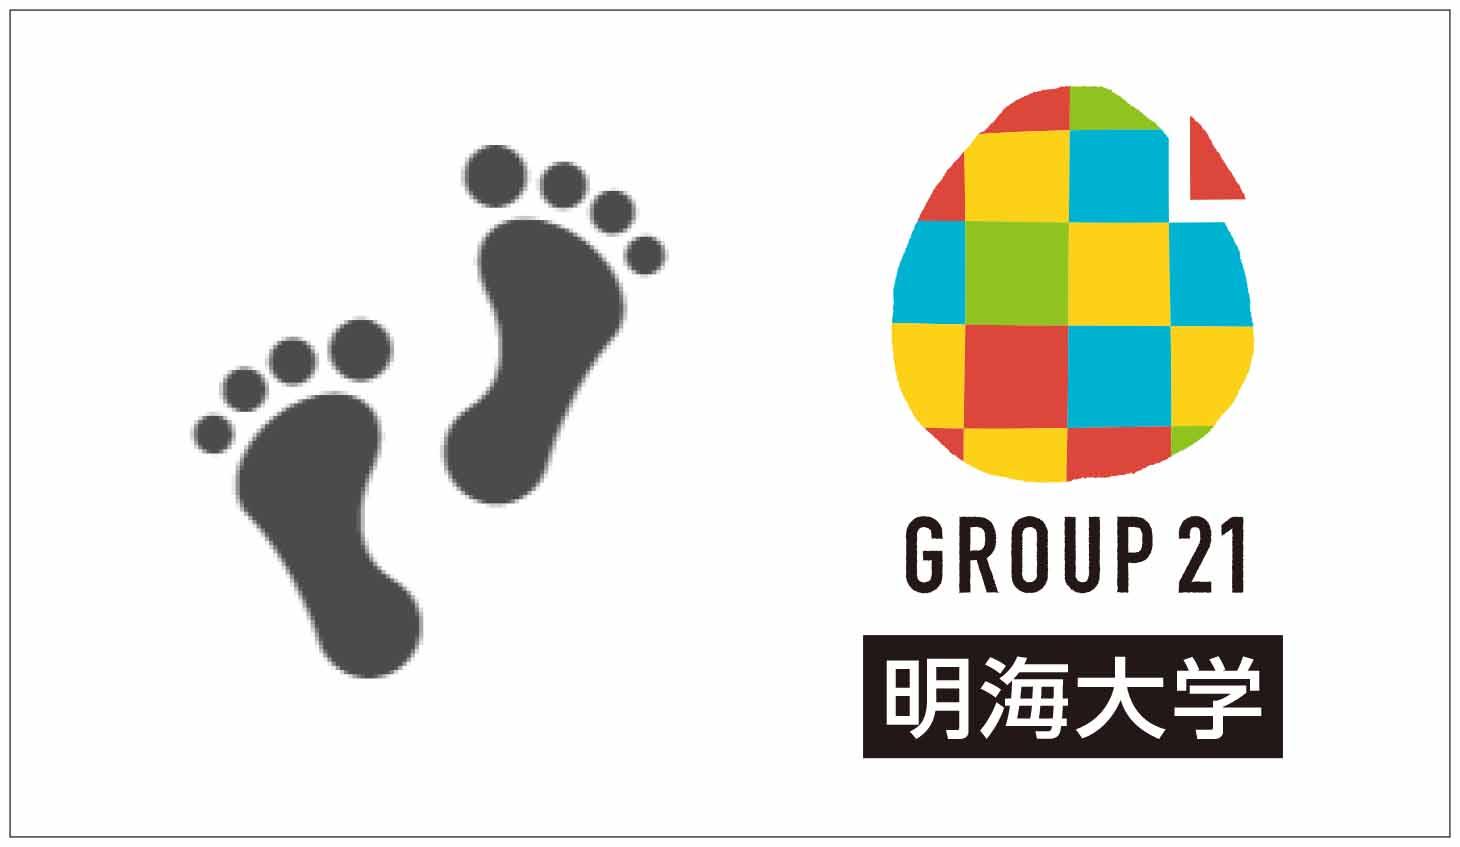 G21(9-6福岡)_4c